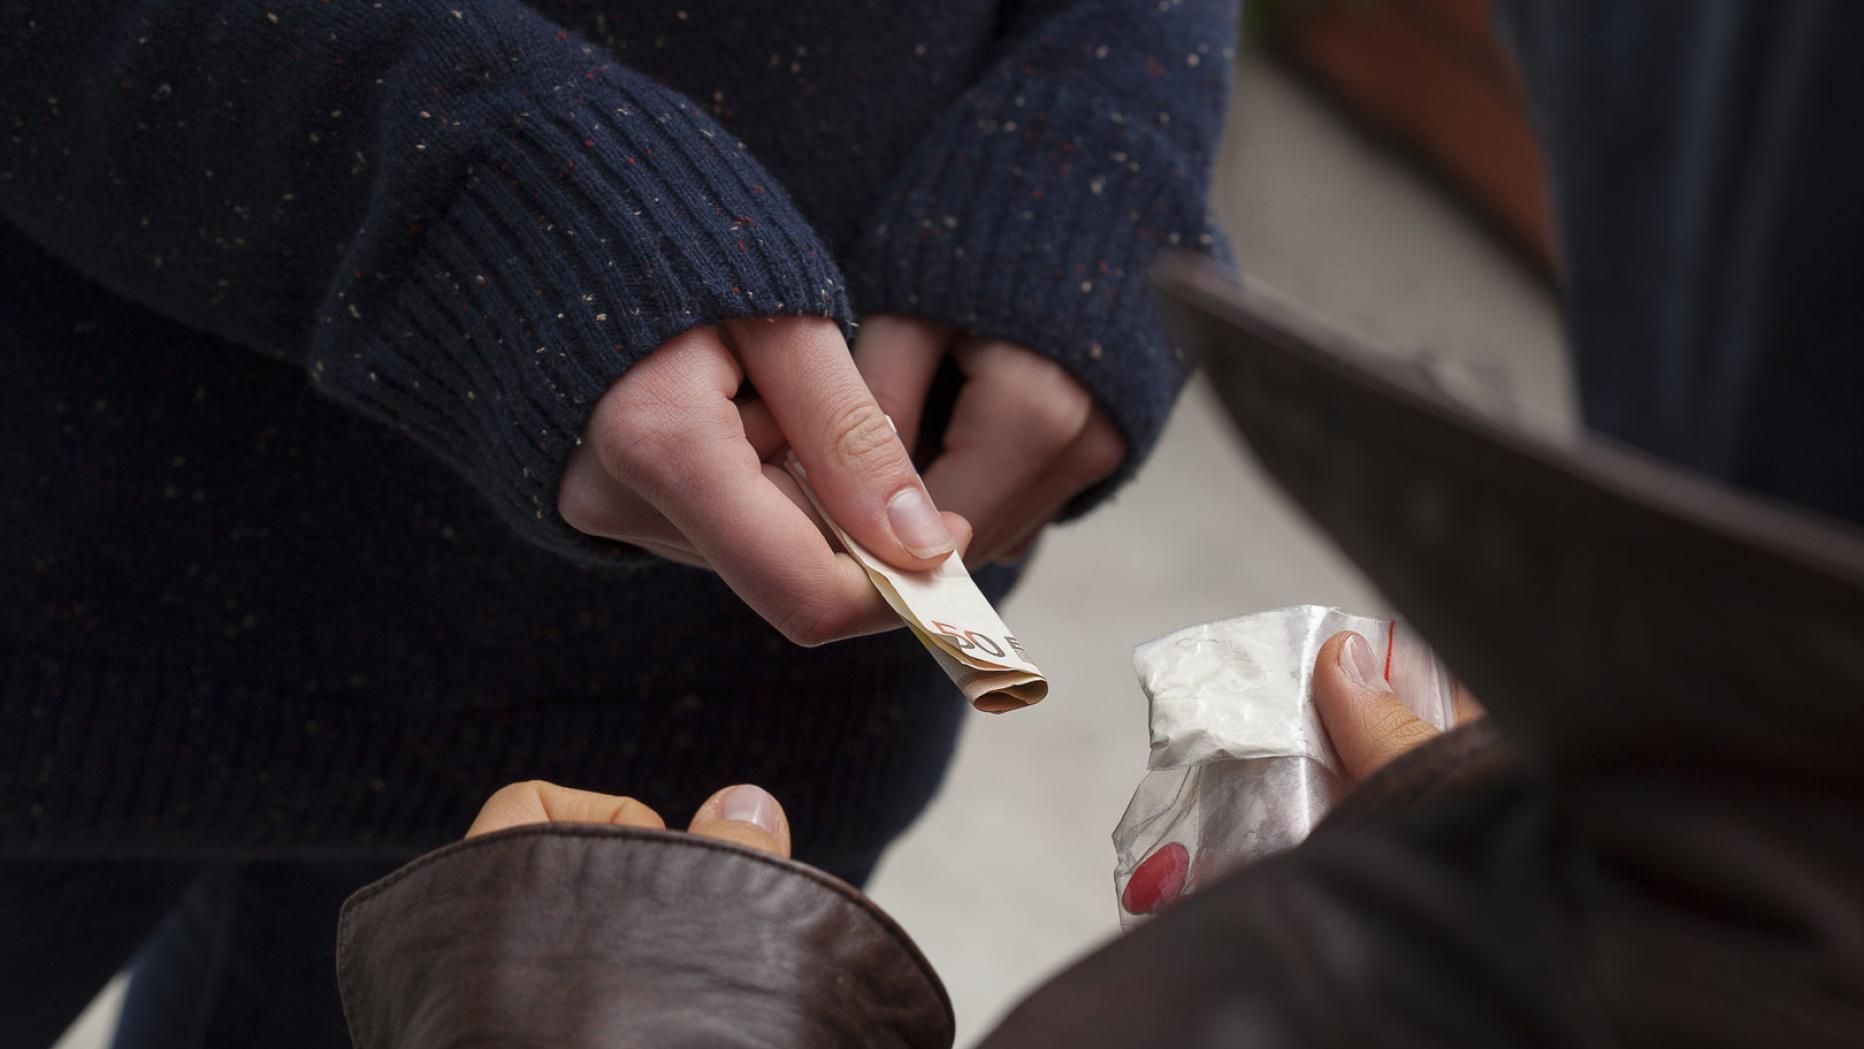 Kokain Statt Vitamin Obsthandel Lieferte In Wien Drogen